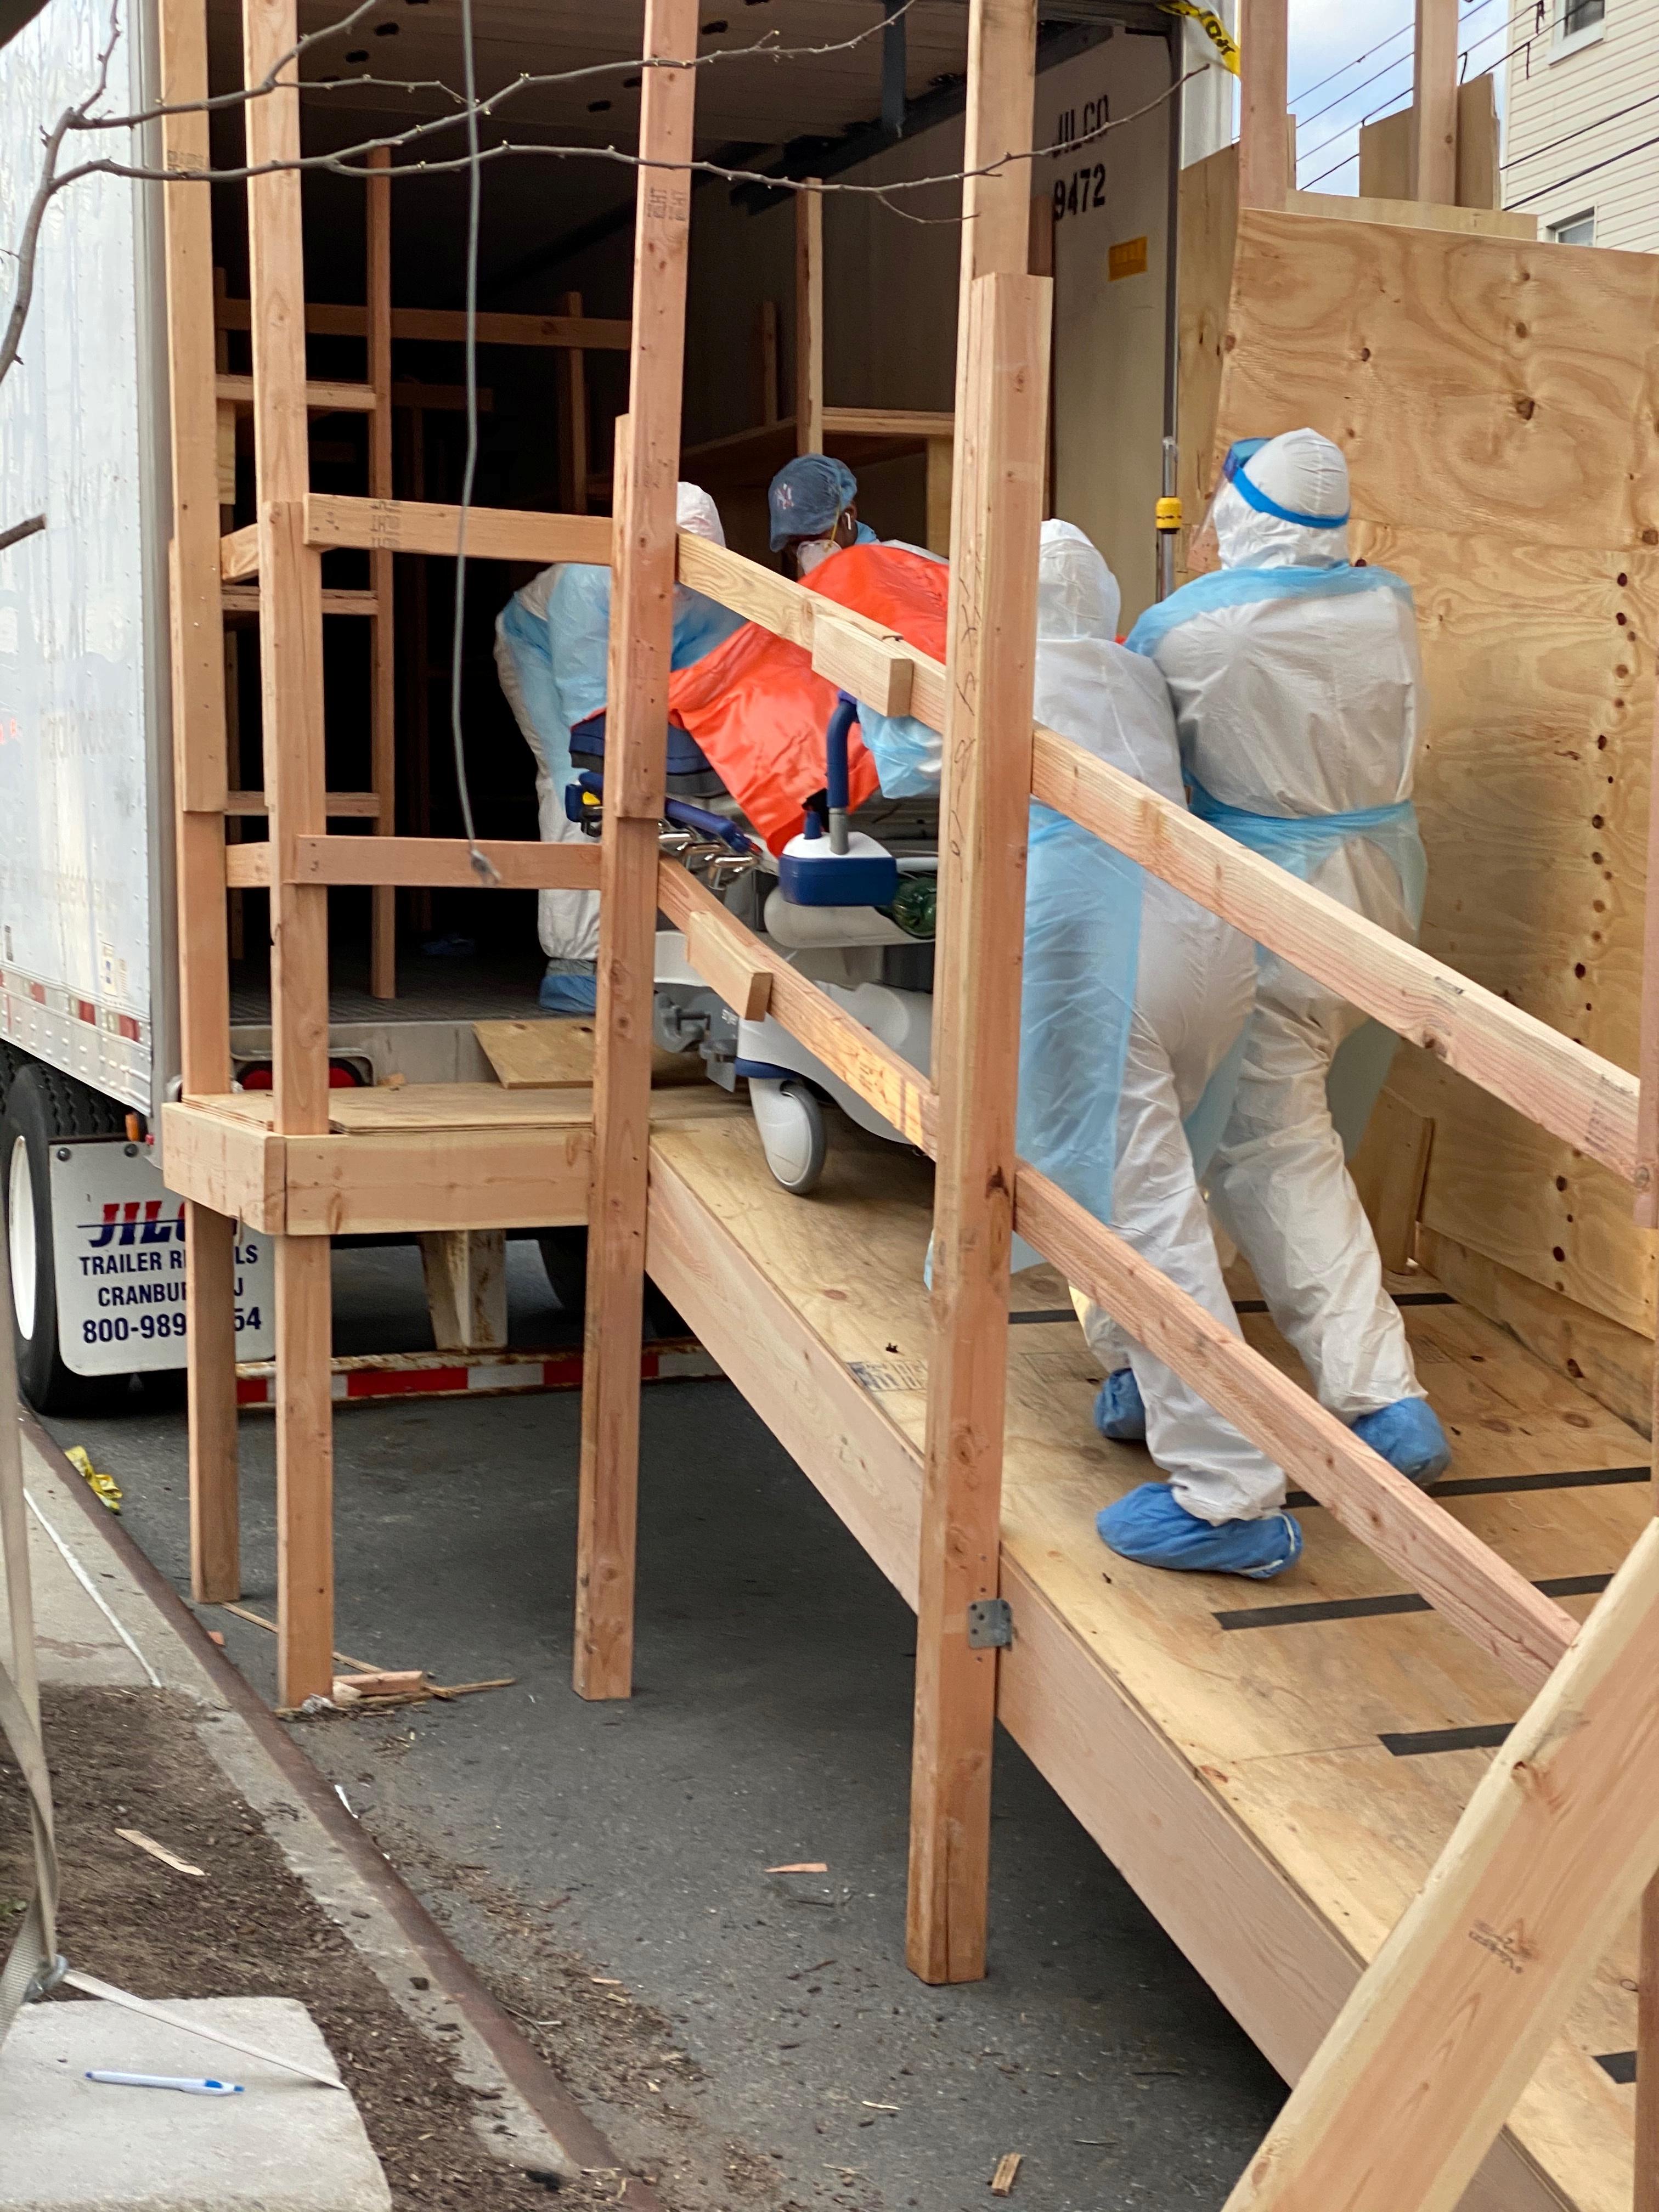 لحظة نقل الجثامين إلى عربة شاحنة التبريد